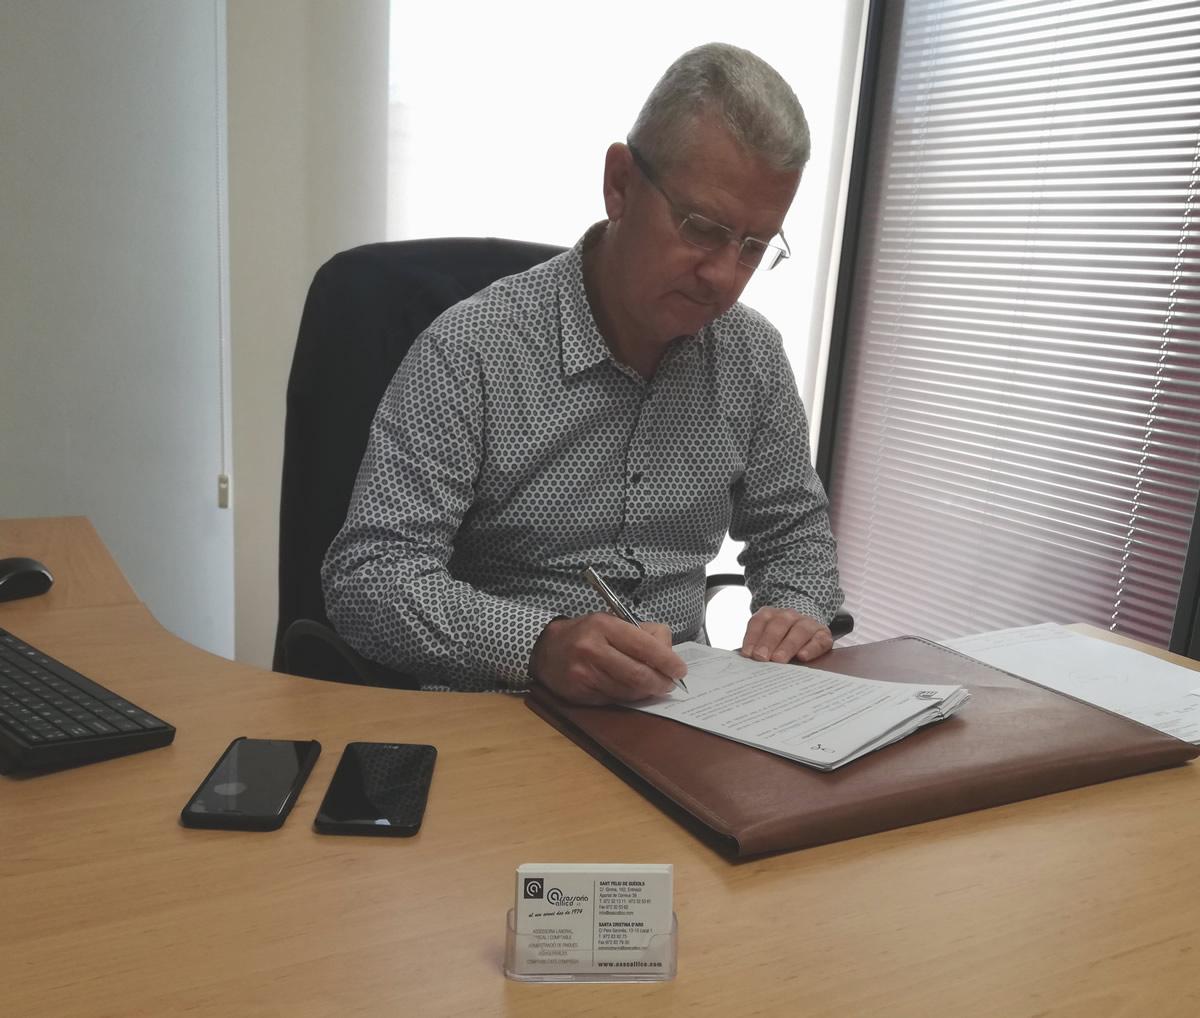 Benvinguts | Assessoria Callicó - Sant Feliu de Guíxols